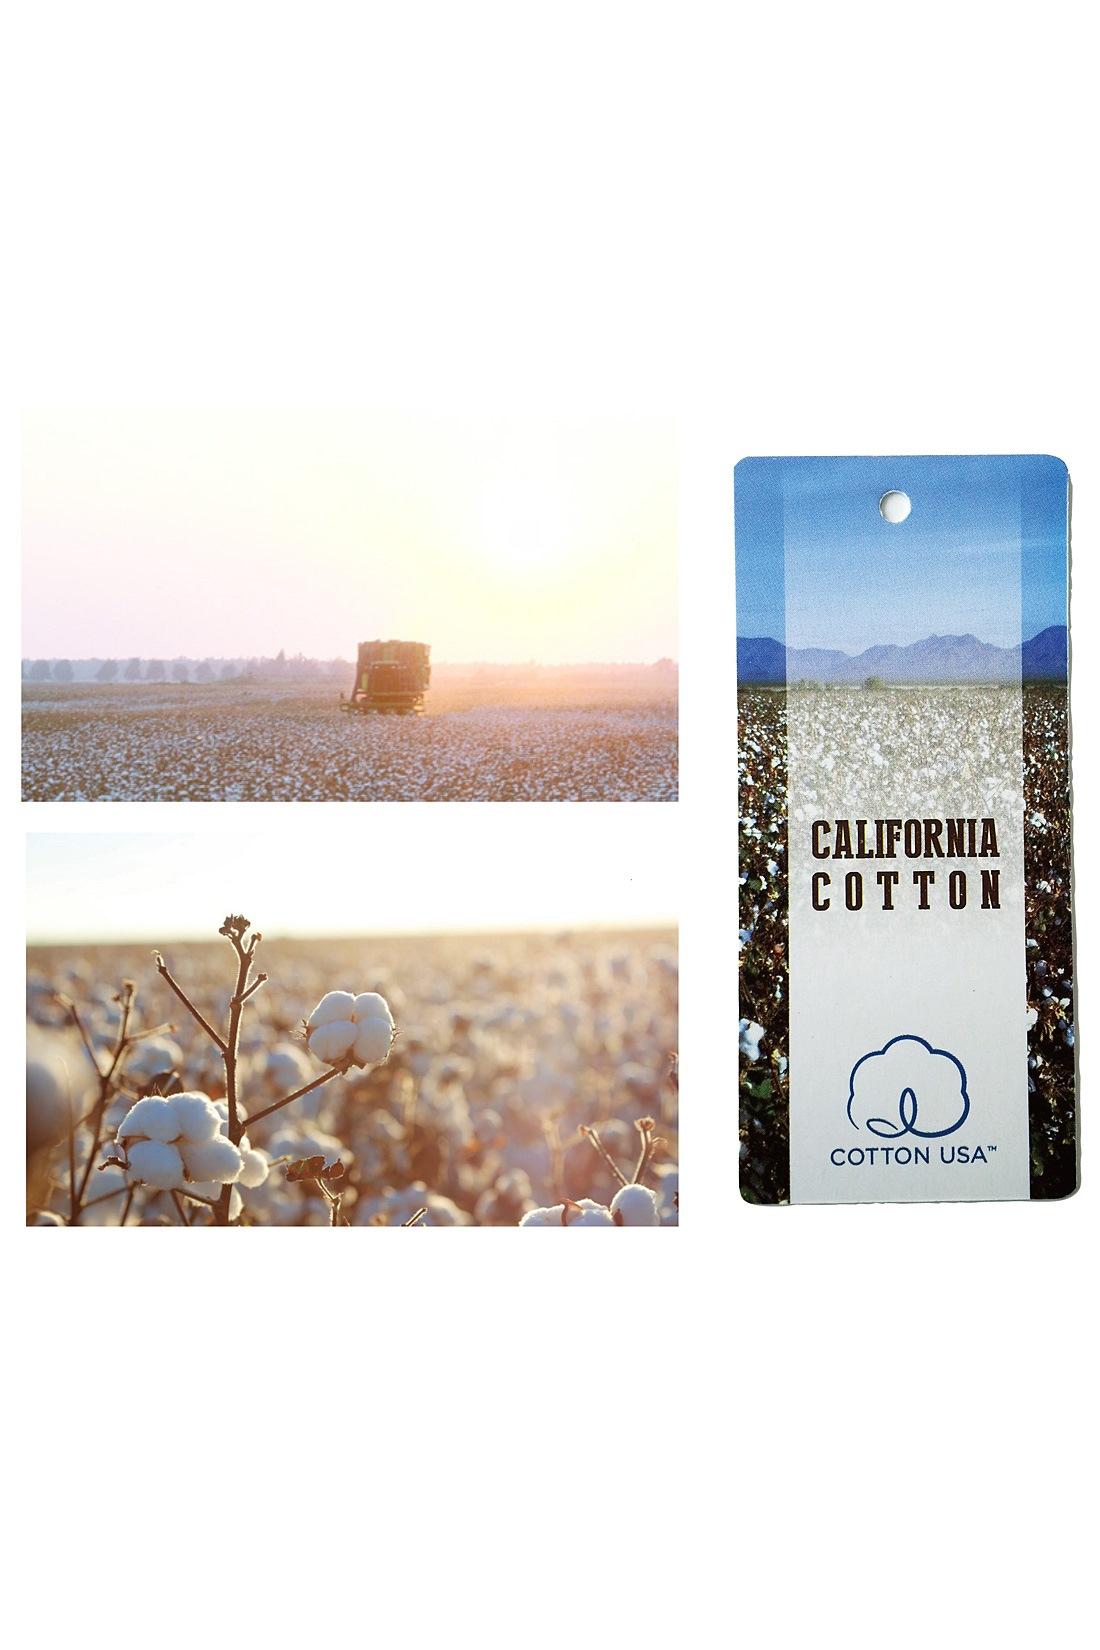 米国カリフォルニア州のサンフォーキンバレー特有の、綿花栽培に適した気候がはぐくんだ上質なコットンを使用。撚りを甘くかけた糸で編み上げた、ふっくらソフトな着心地が特長です。